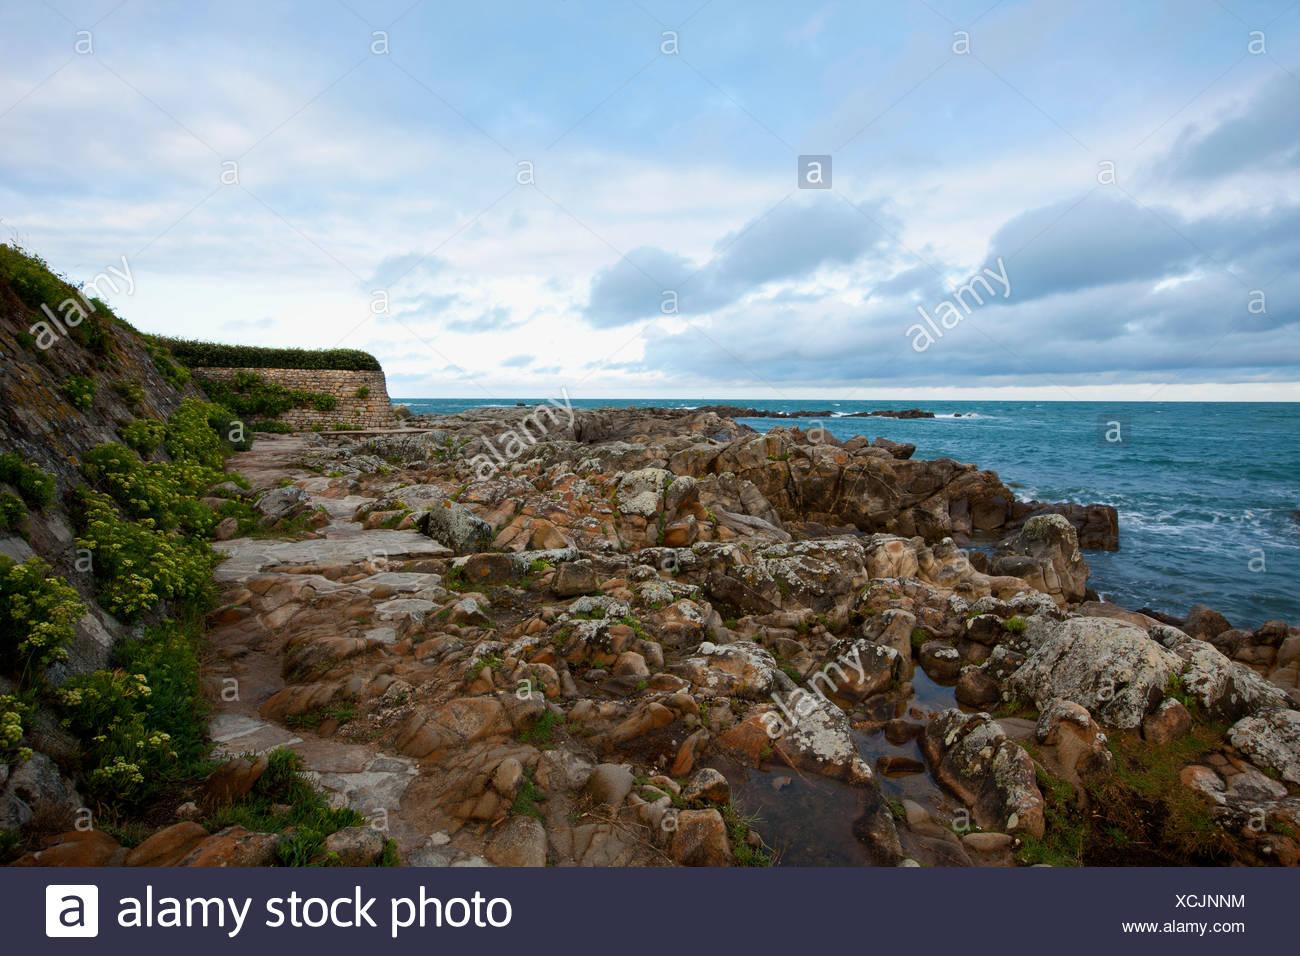 Atlantic coast near Le Croisic, Loire-Atlantique, Pays de la Loire, France Stock Photo